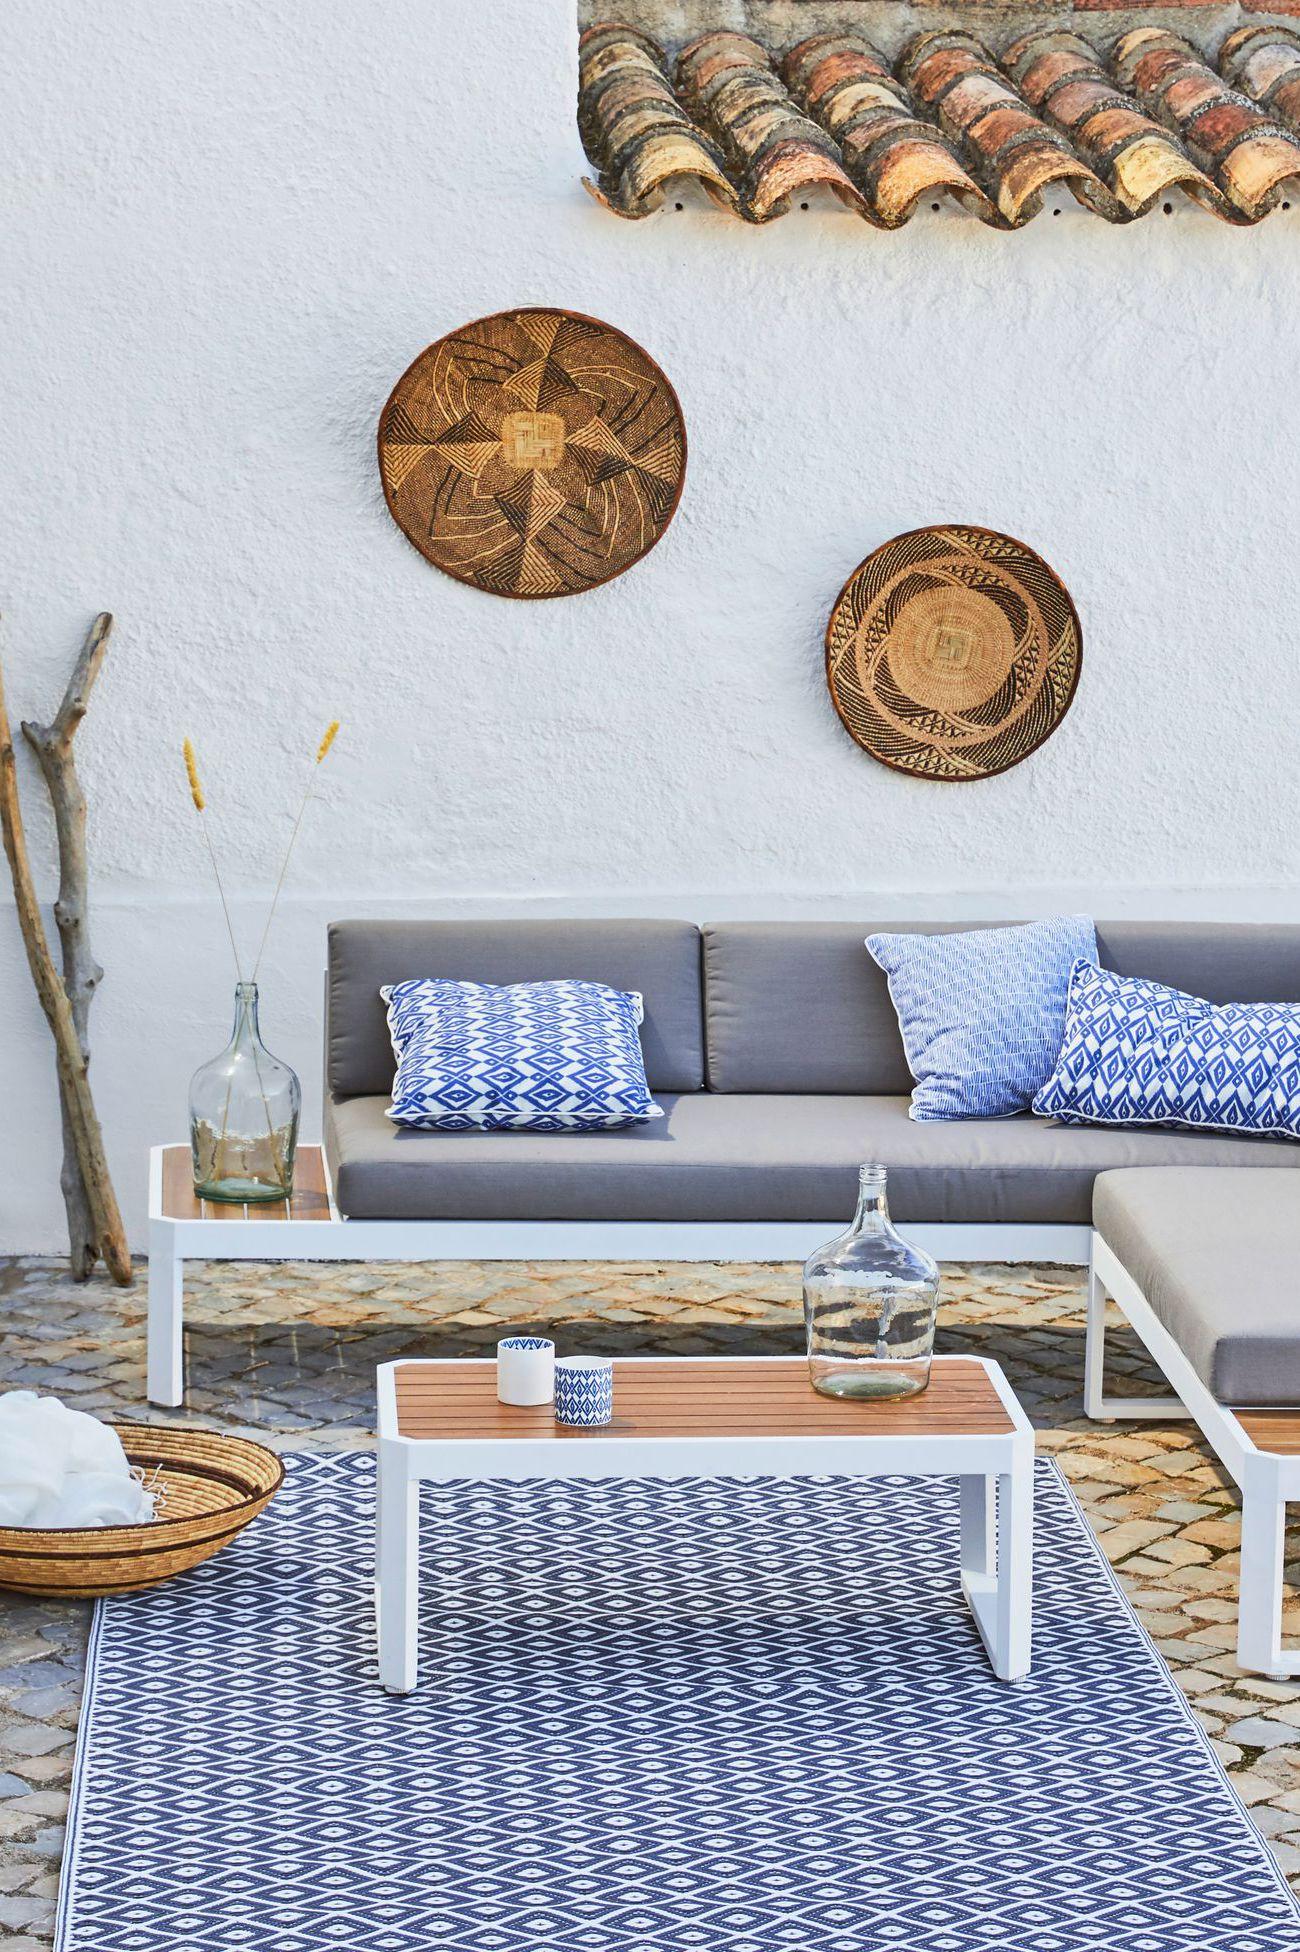 terrasse-sud-mediterrannee-mosaique-azulejos-bleu-blanc-paille